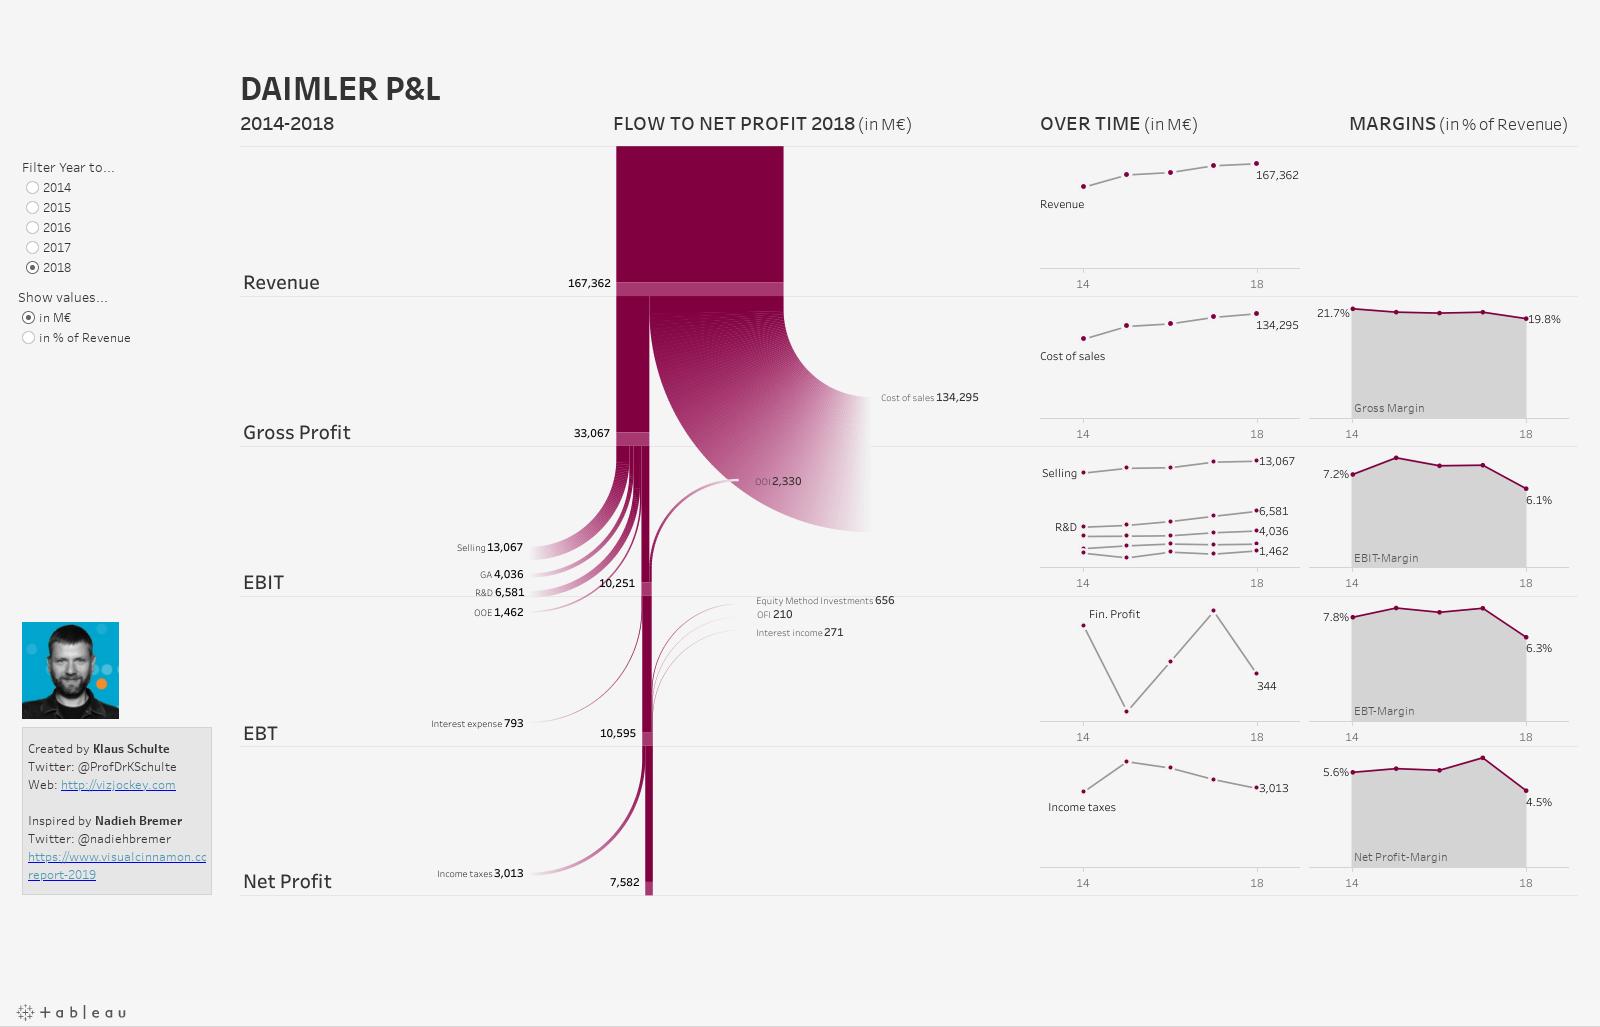 Flow to Net Profit: Daimler P&L 2014-2018